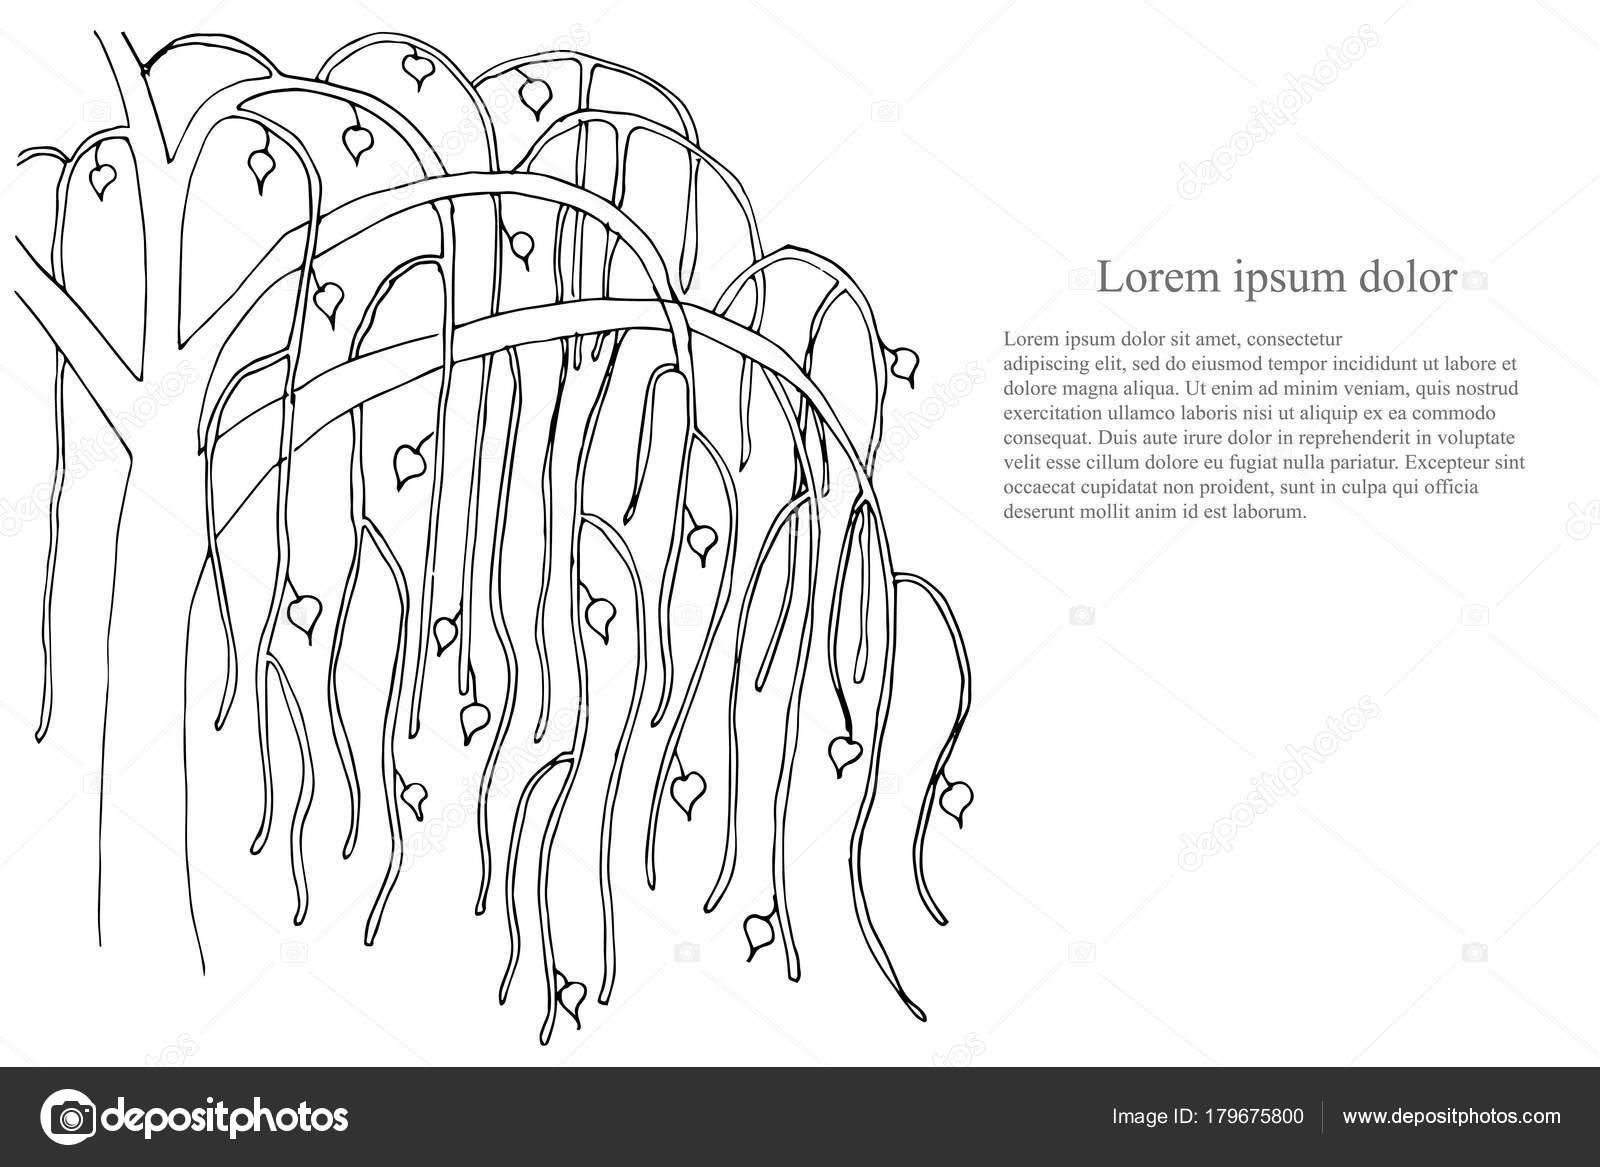 Romanticke Pozadi Strom Lorem Ipsum Cerne Bile Rucne Kreslenou